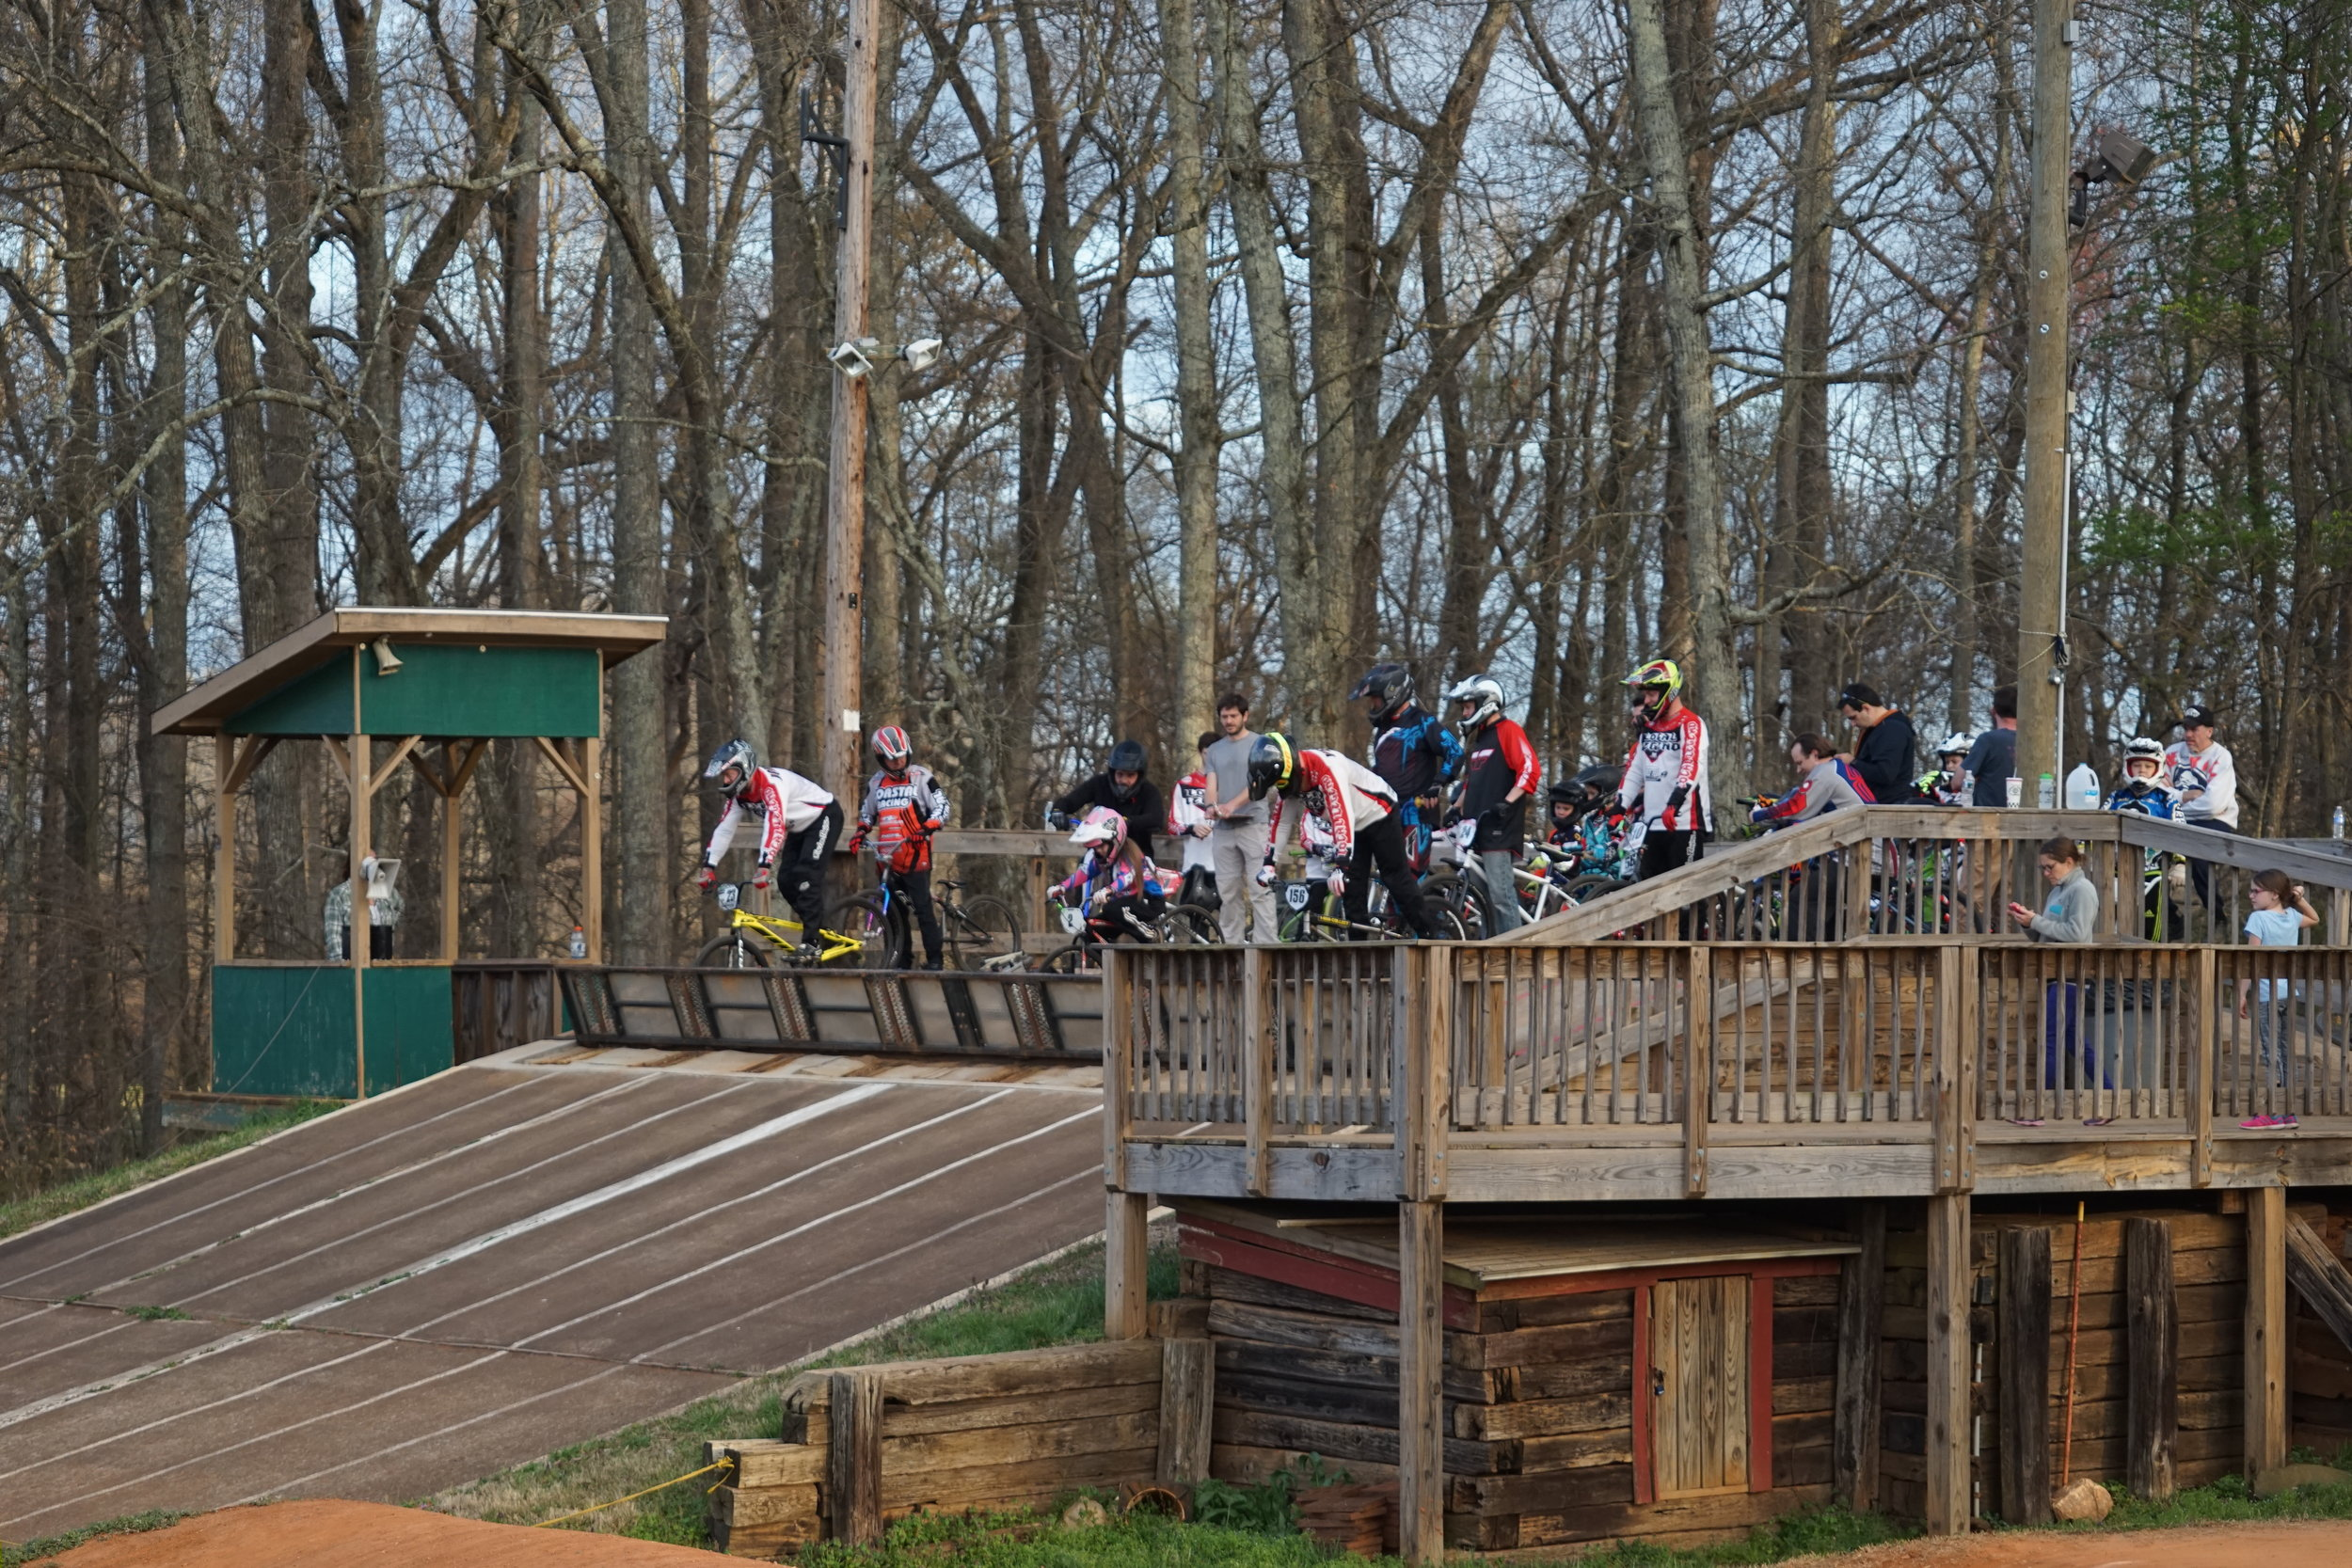 BMX race at Tanglewood RV Park